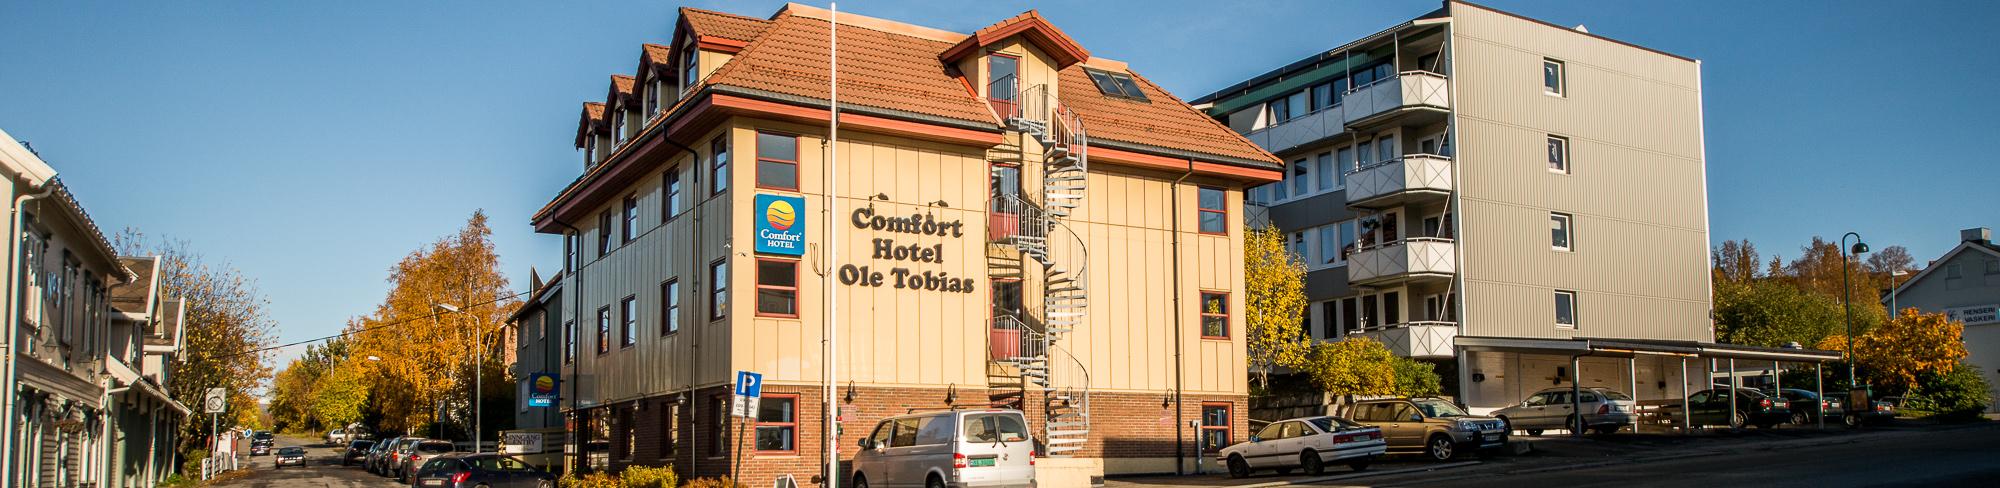 hoteller norges største